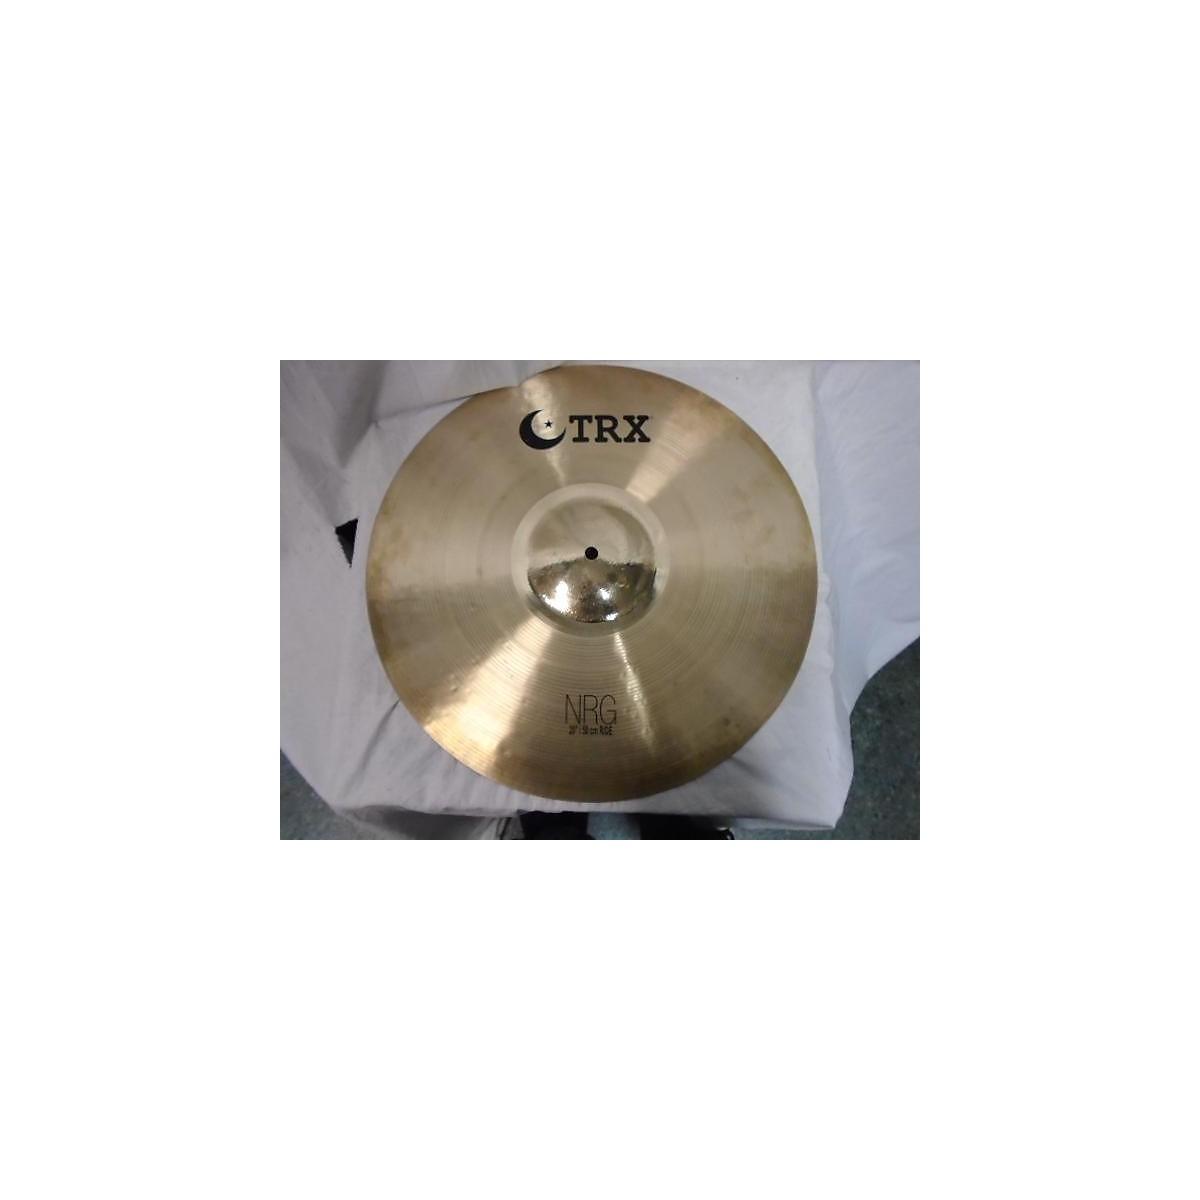 TRX 20in Nrg Cymbal